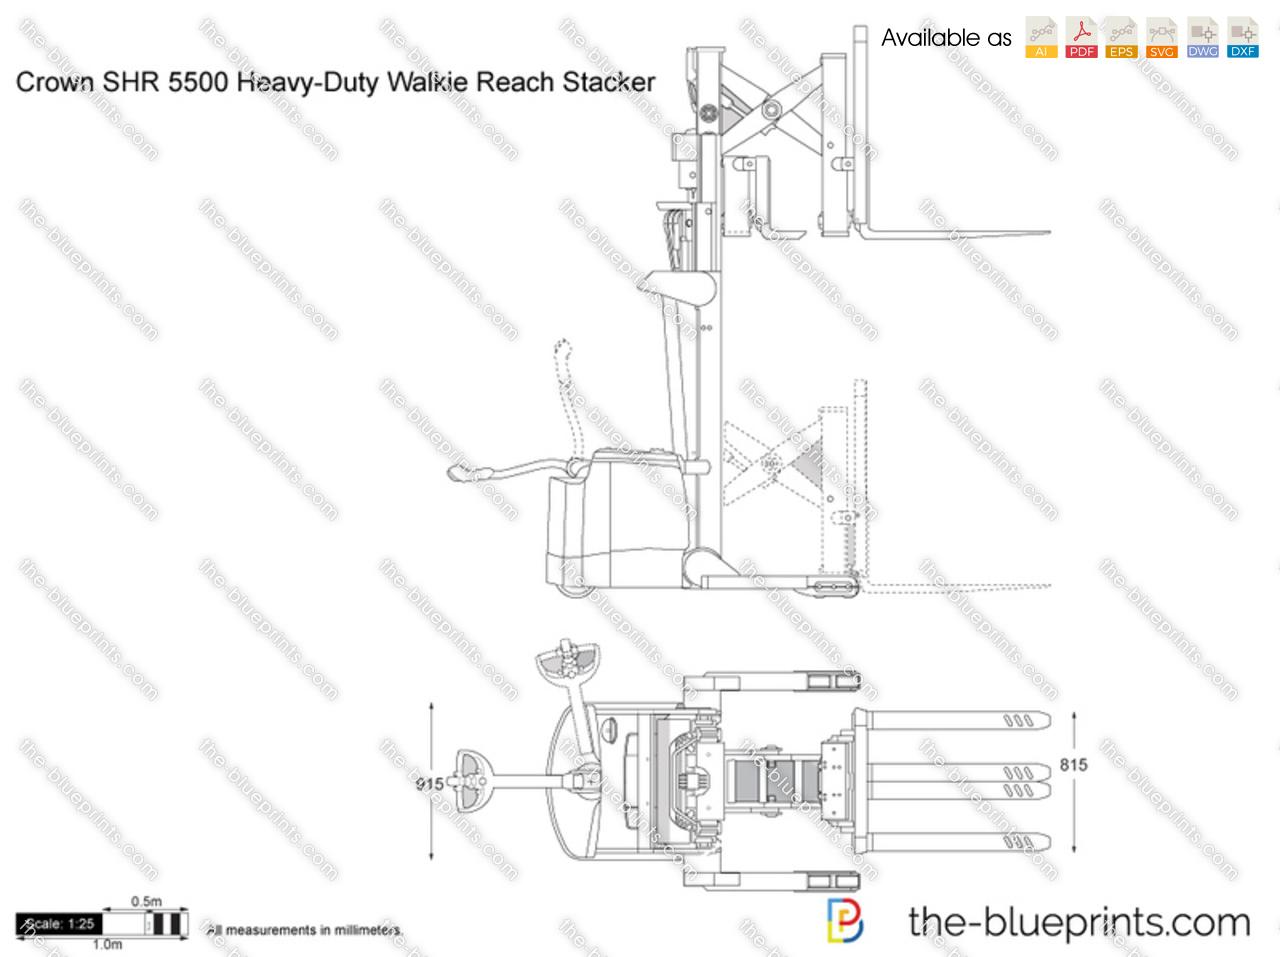 Crown SHR 5500 Heavy-Duty Walkie Reach Stacker